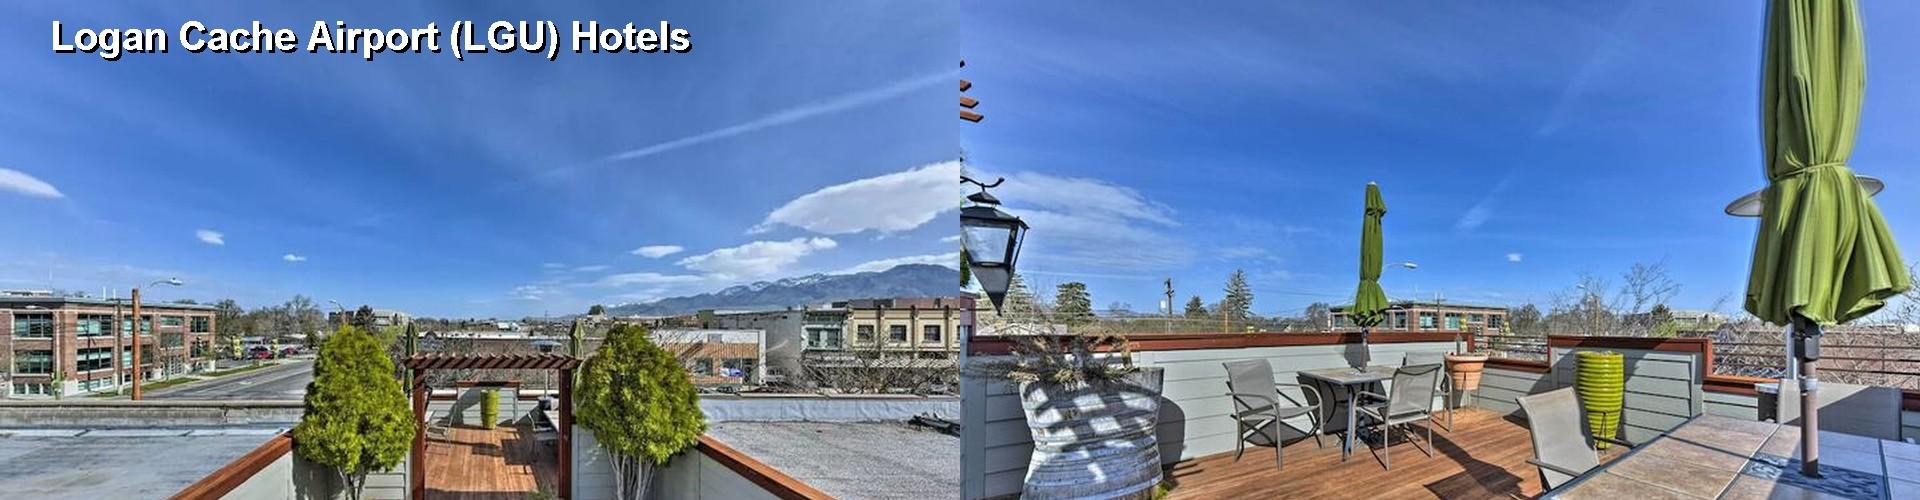 5 Best Hotels Near Logan Cache Airport Lgu